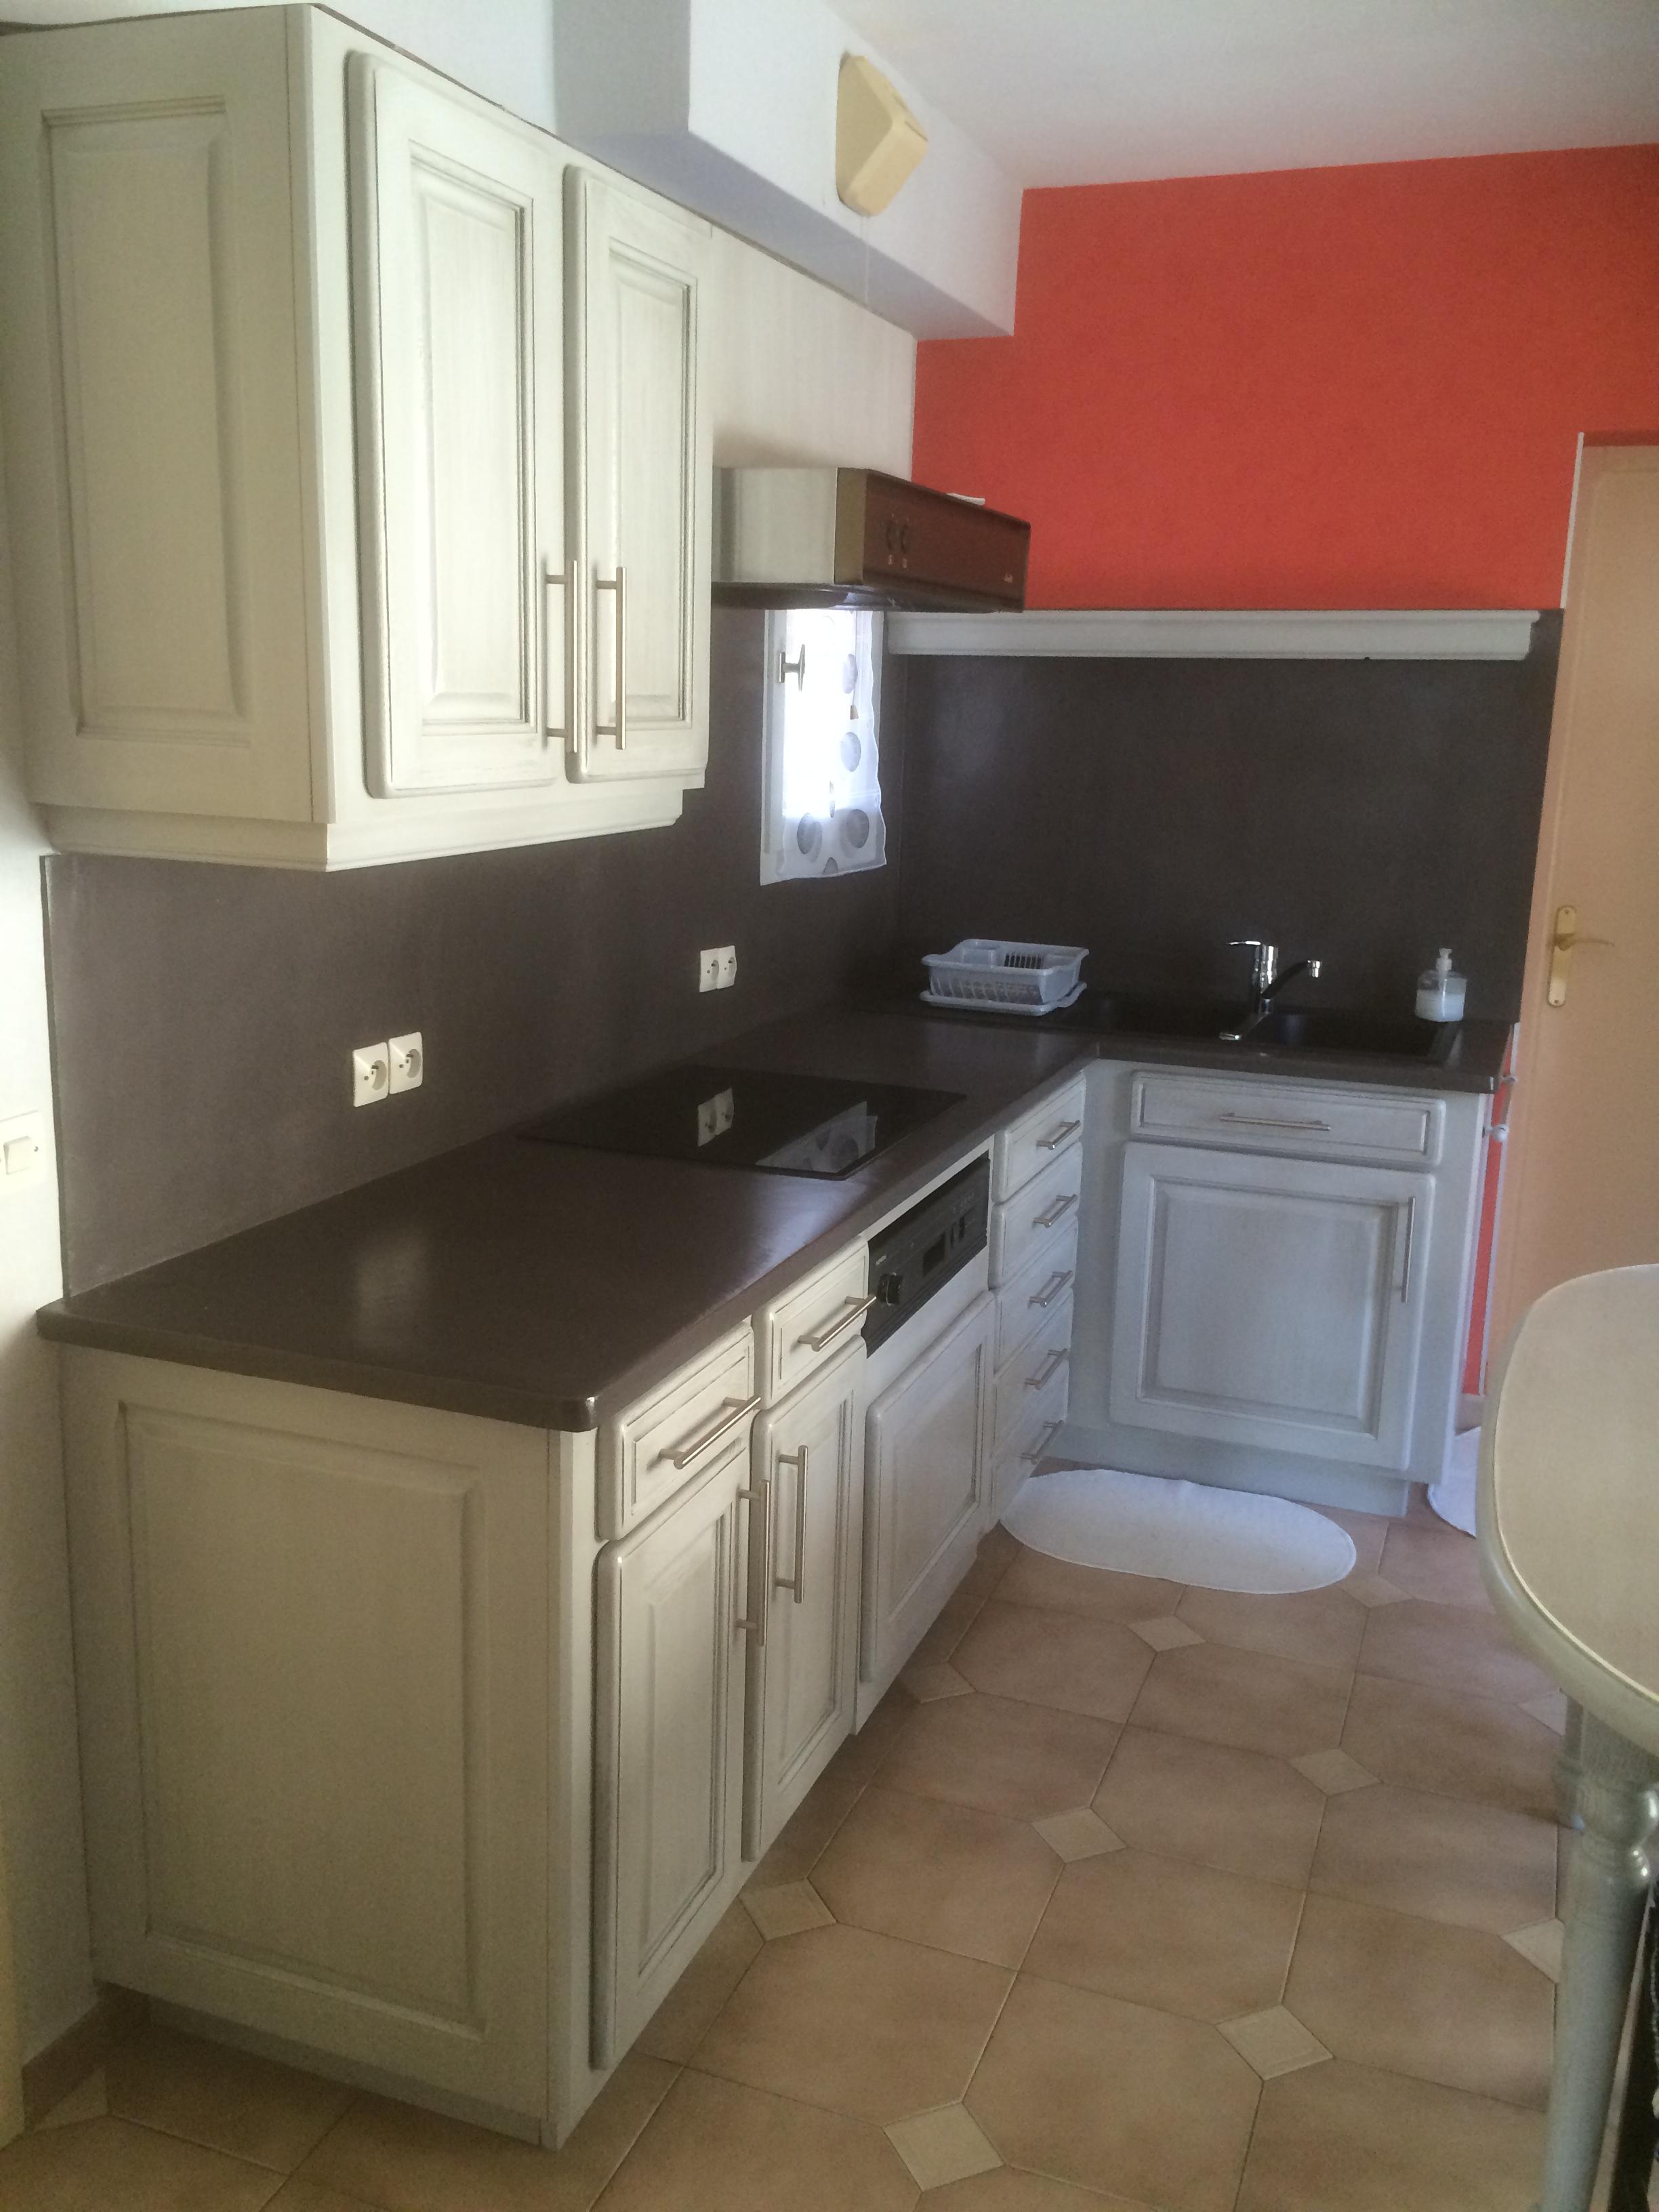 R alisations relooking d 39 une cuisine en ch ne avec for Renovation de cuisine en chene